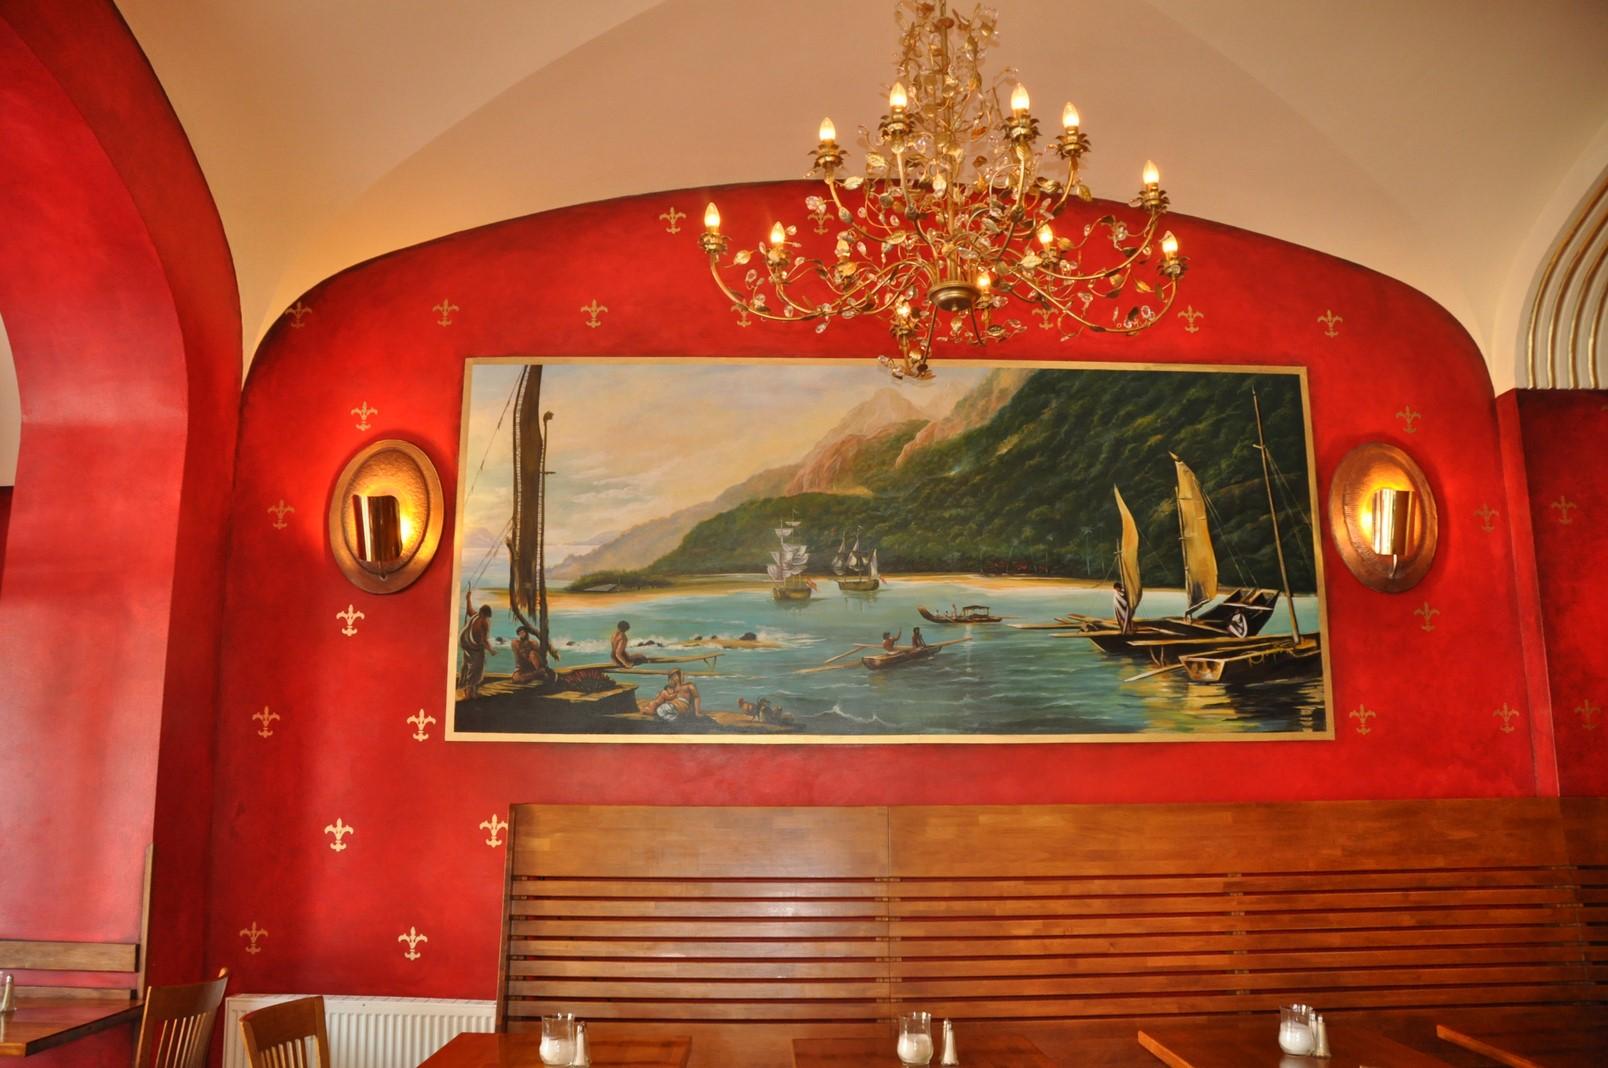 Dekorative Malerei mit Südseemotiv an einer Wand im mexikanischen Restaurant Mundo in Berlin.